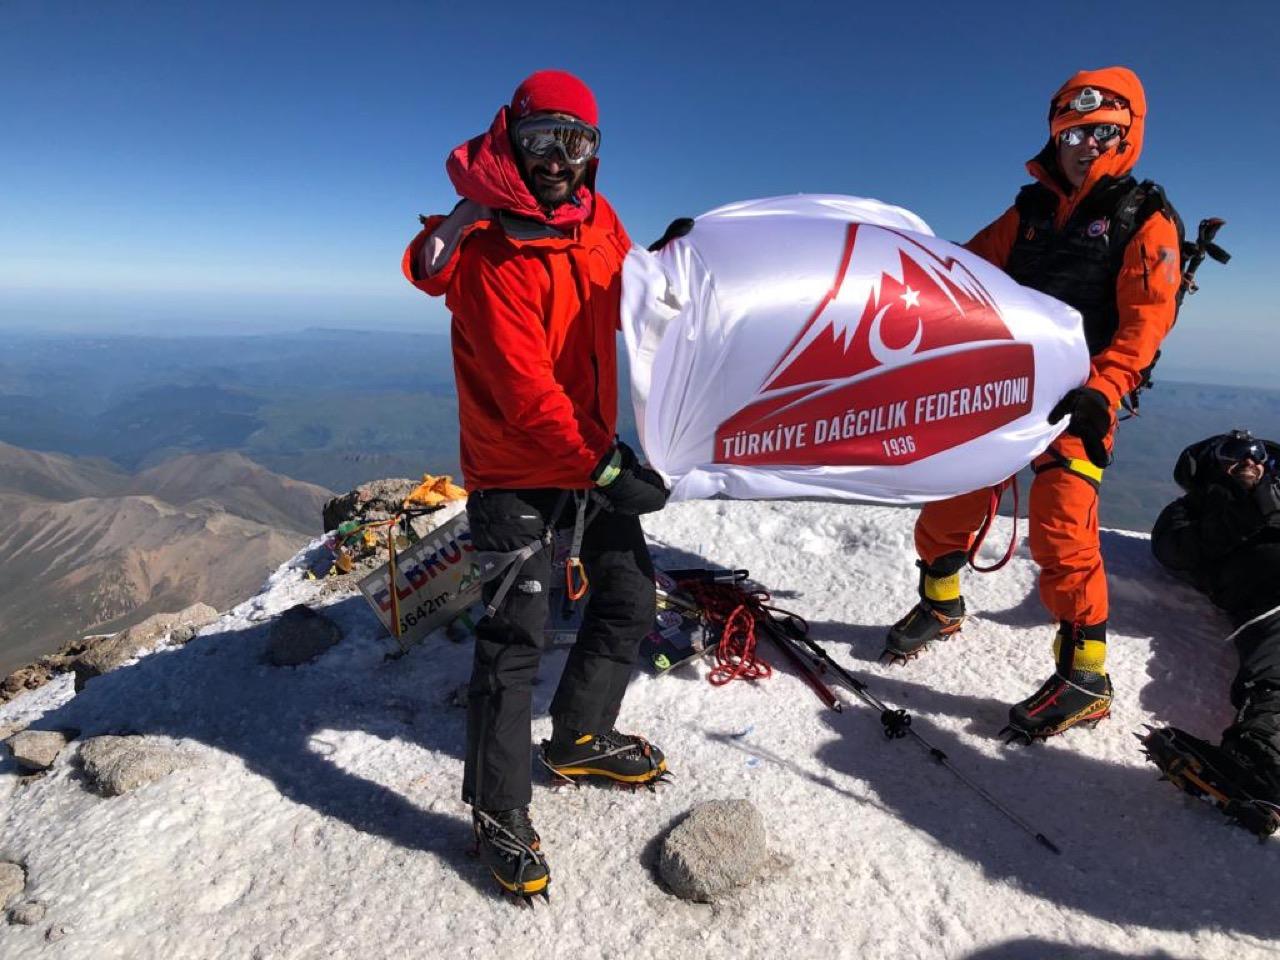 Van Patika DSK tarafından Elbruz Dağı tırmanışı gerçekleştirildi.